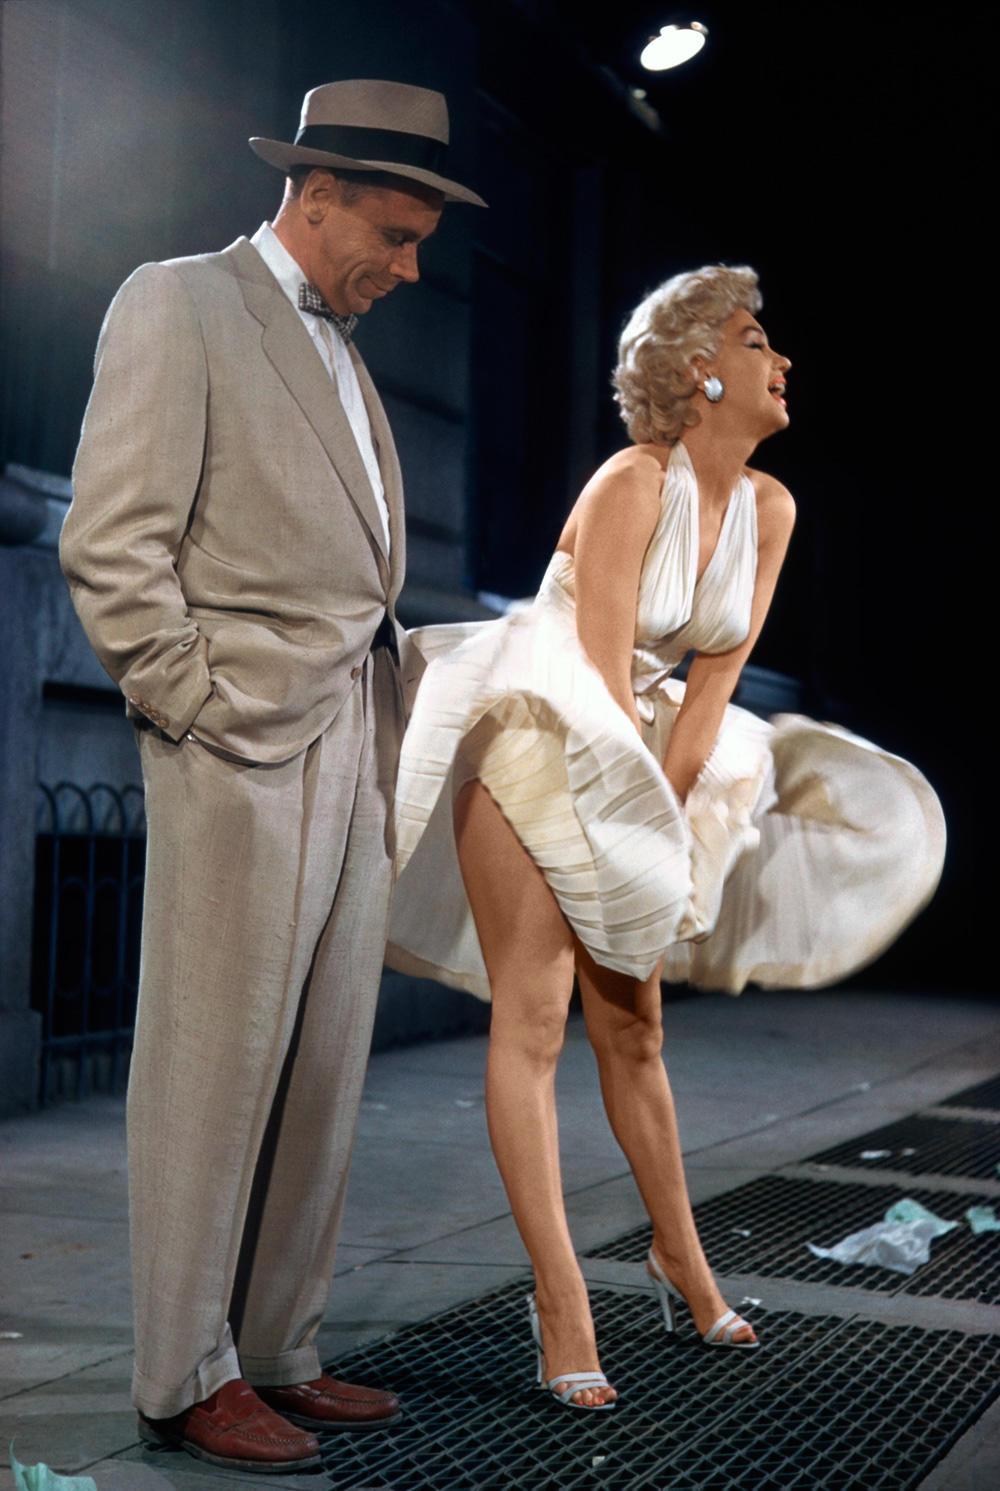 marilyn-monroe-flying-skirt-4.jpg